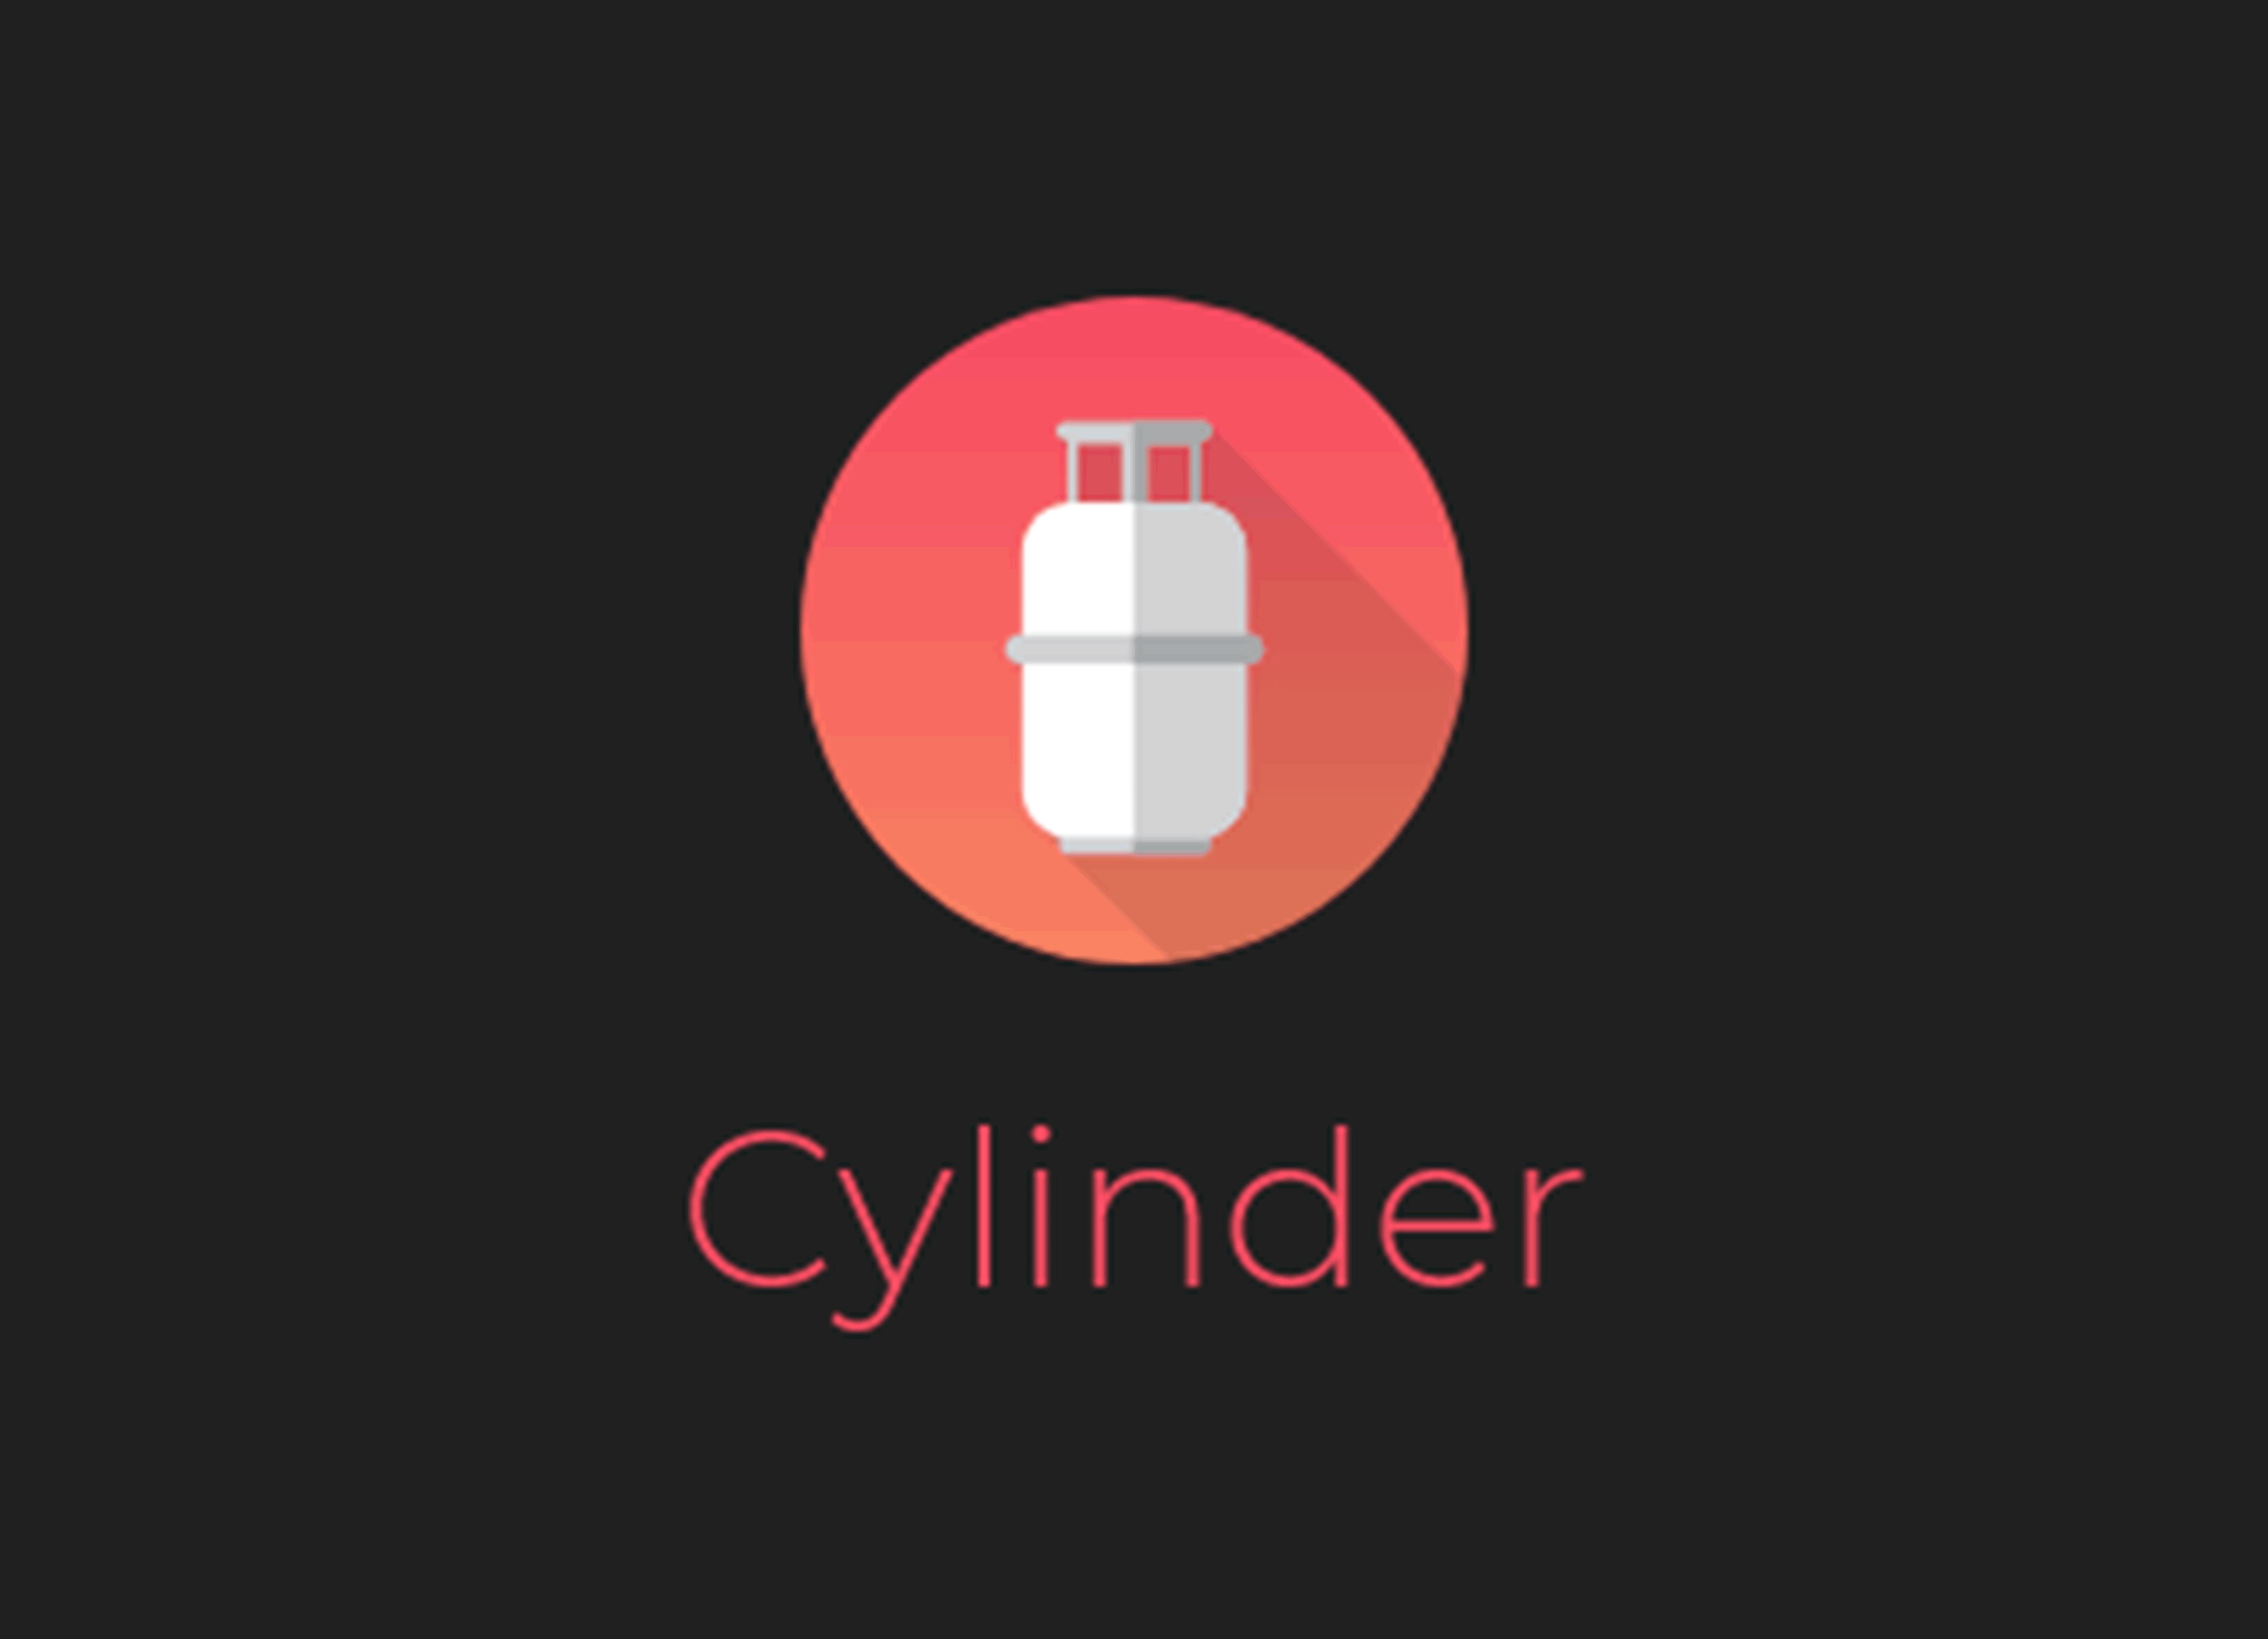 Cylinder 2.0